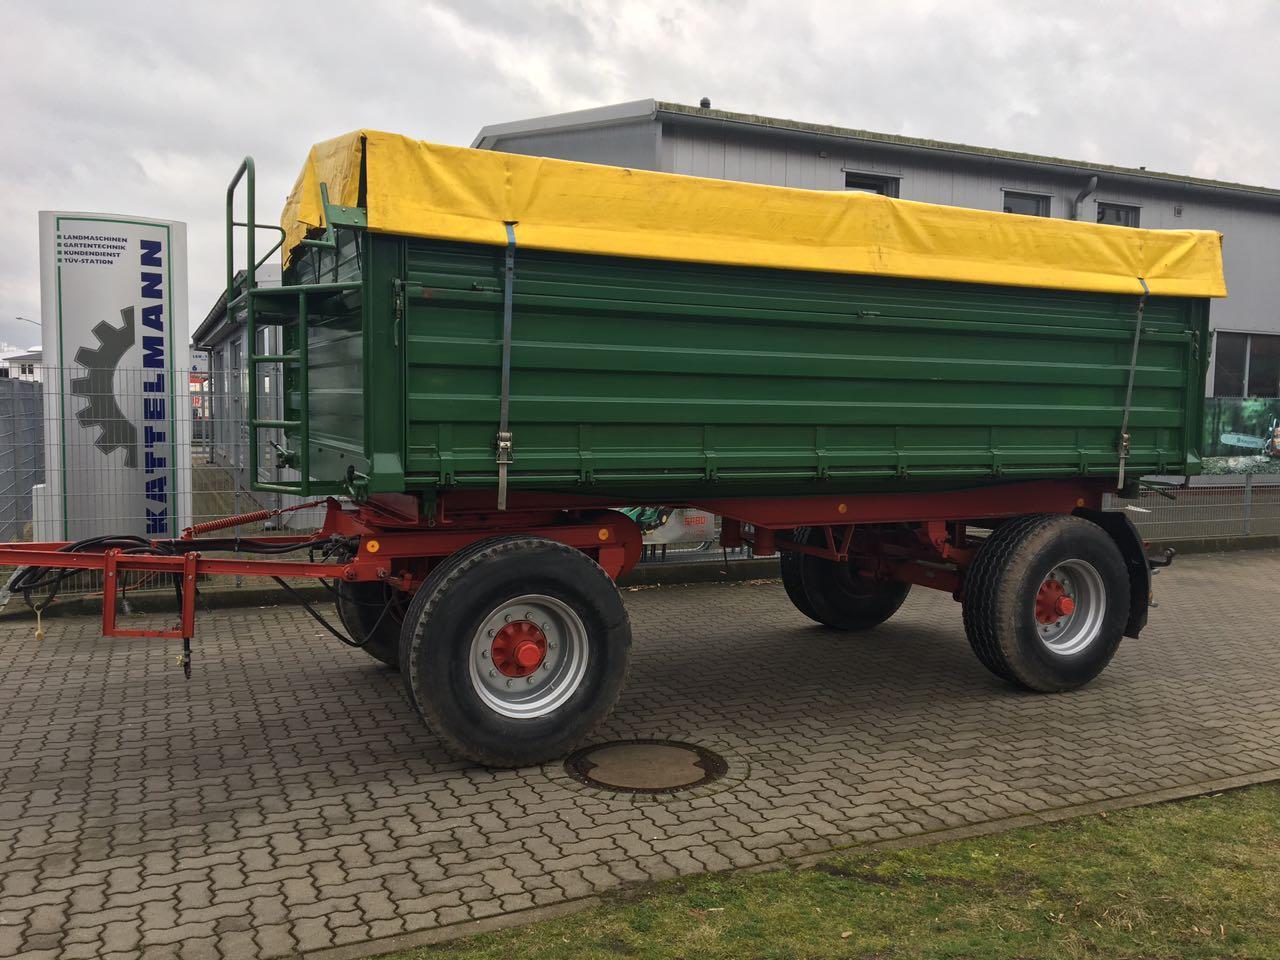 Tatgenhorst DK 40